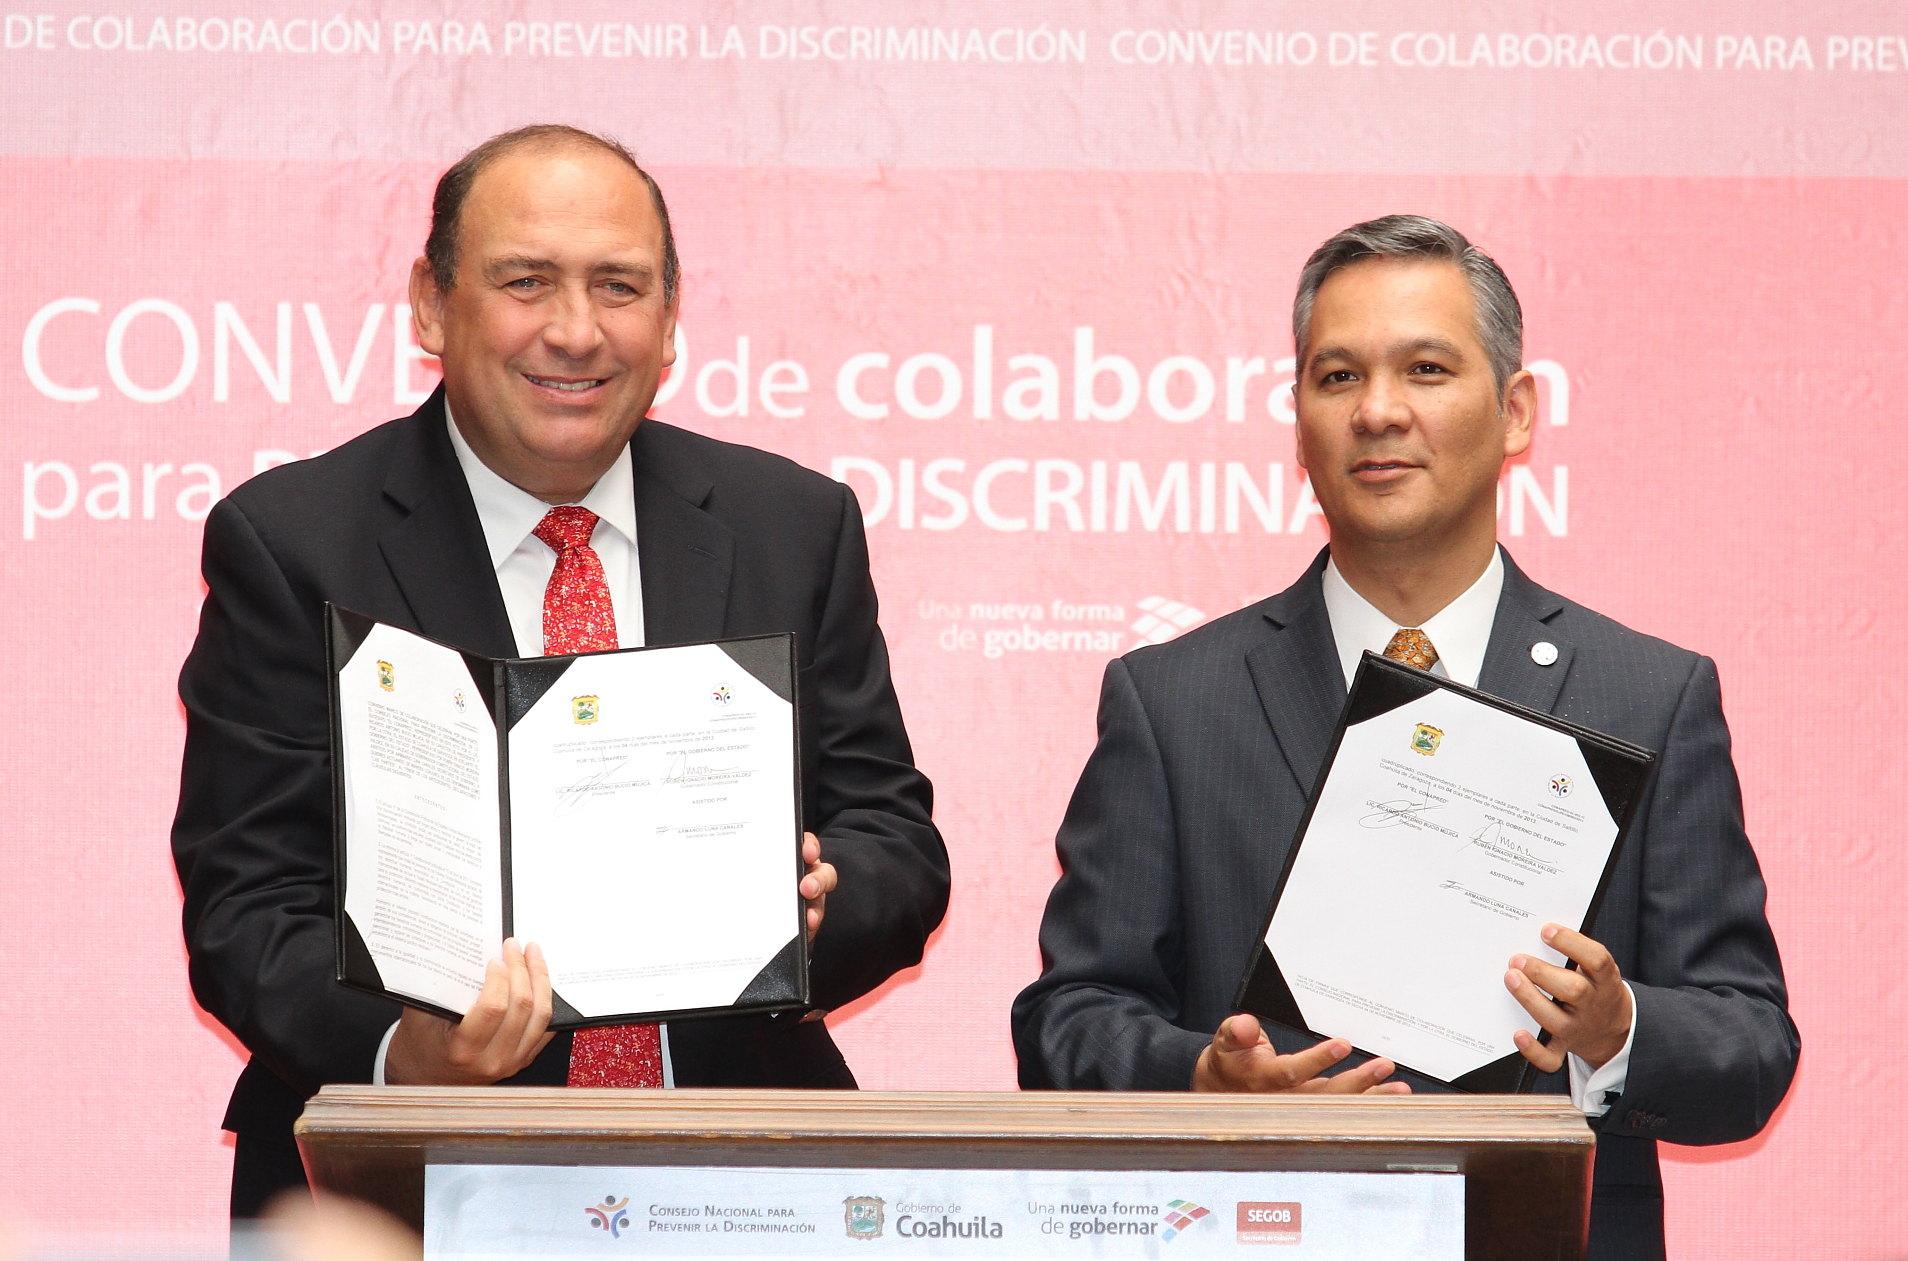 Firman convenio de 13 acciones por la igualdad de Coahuila